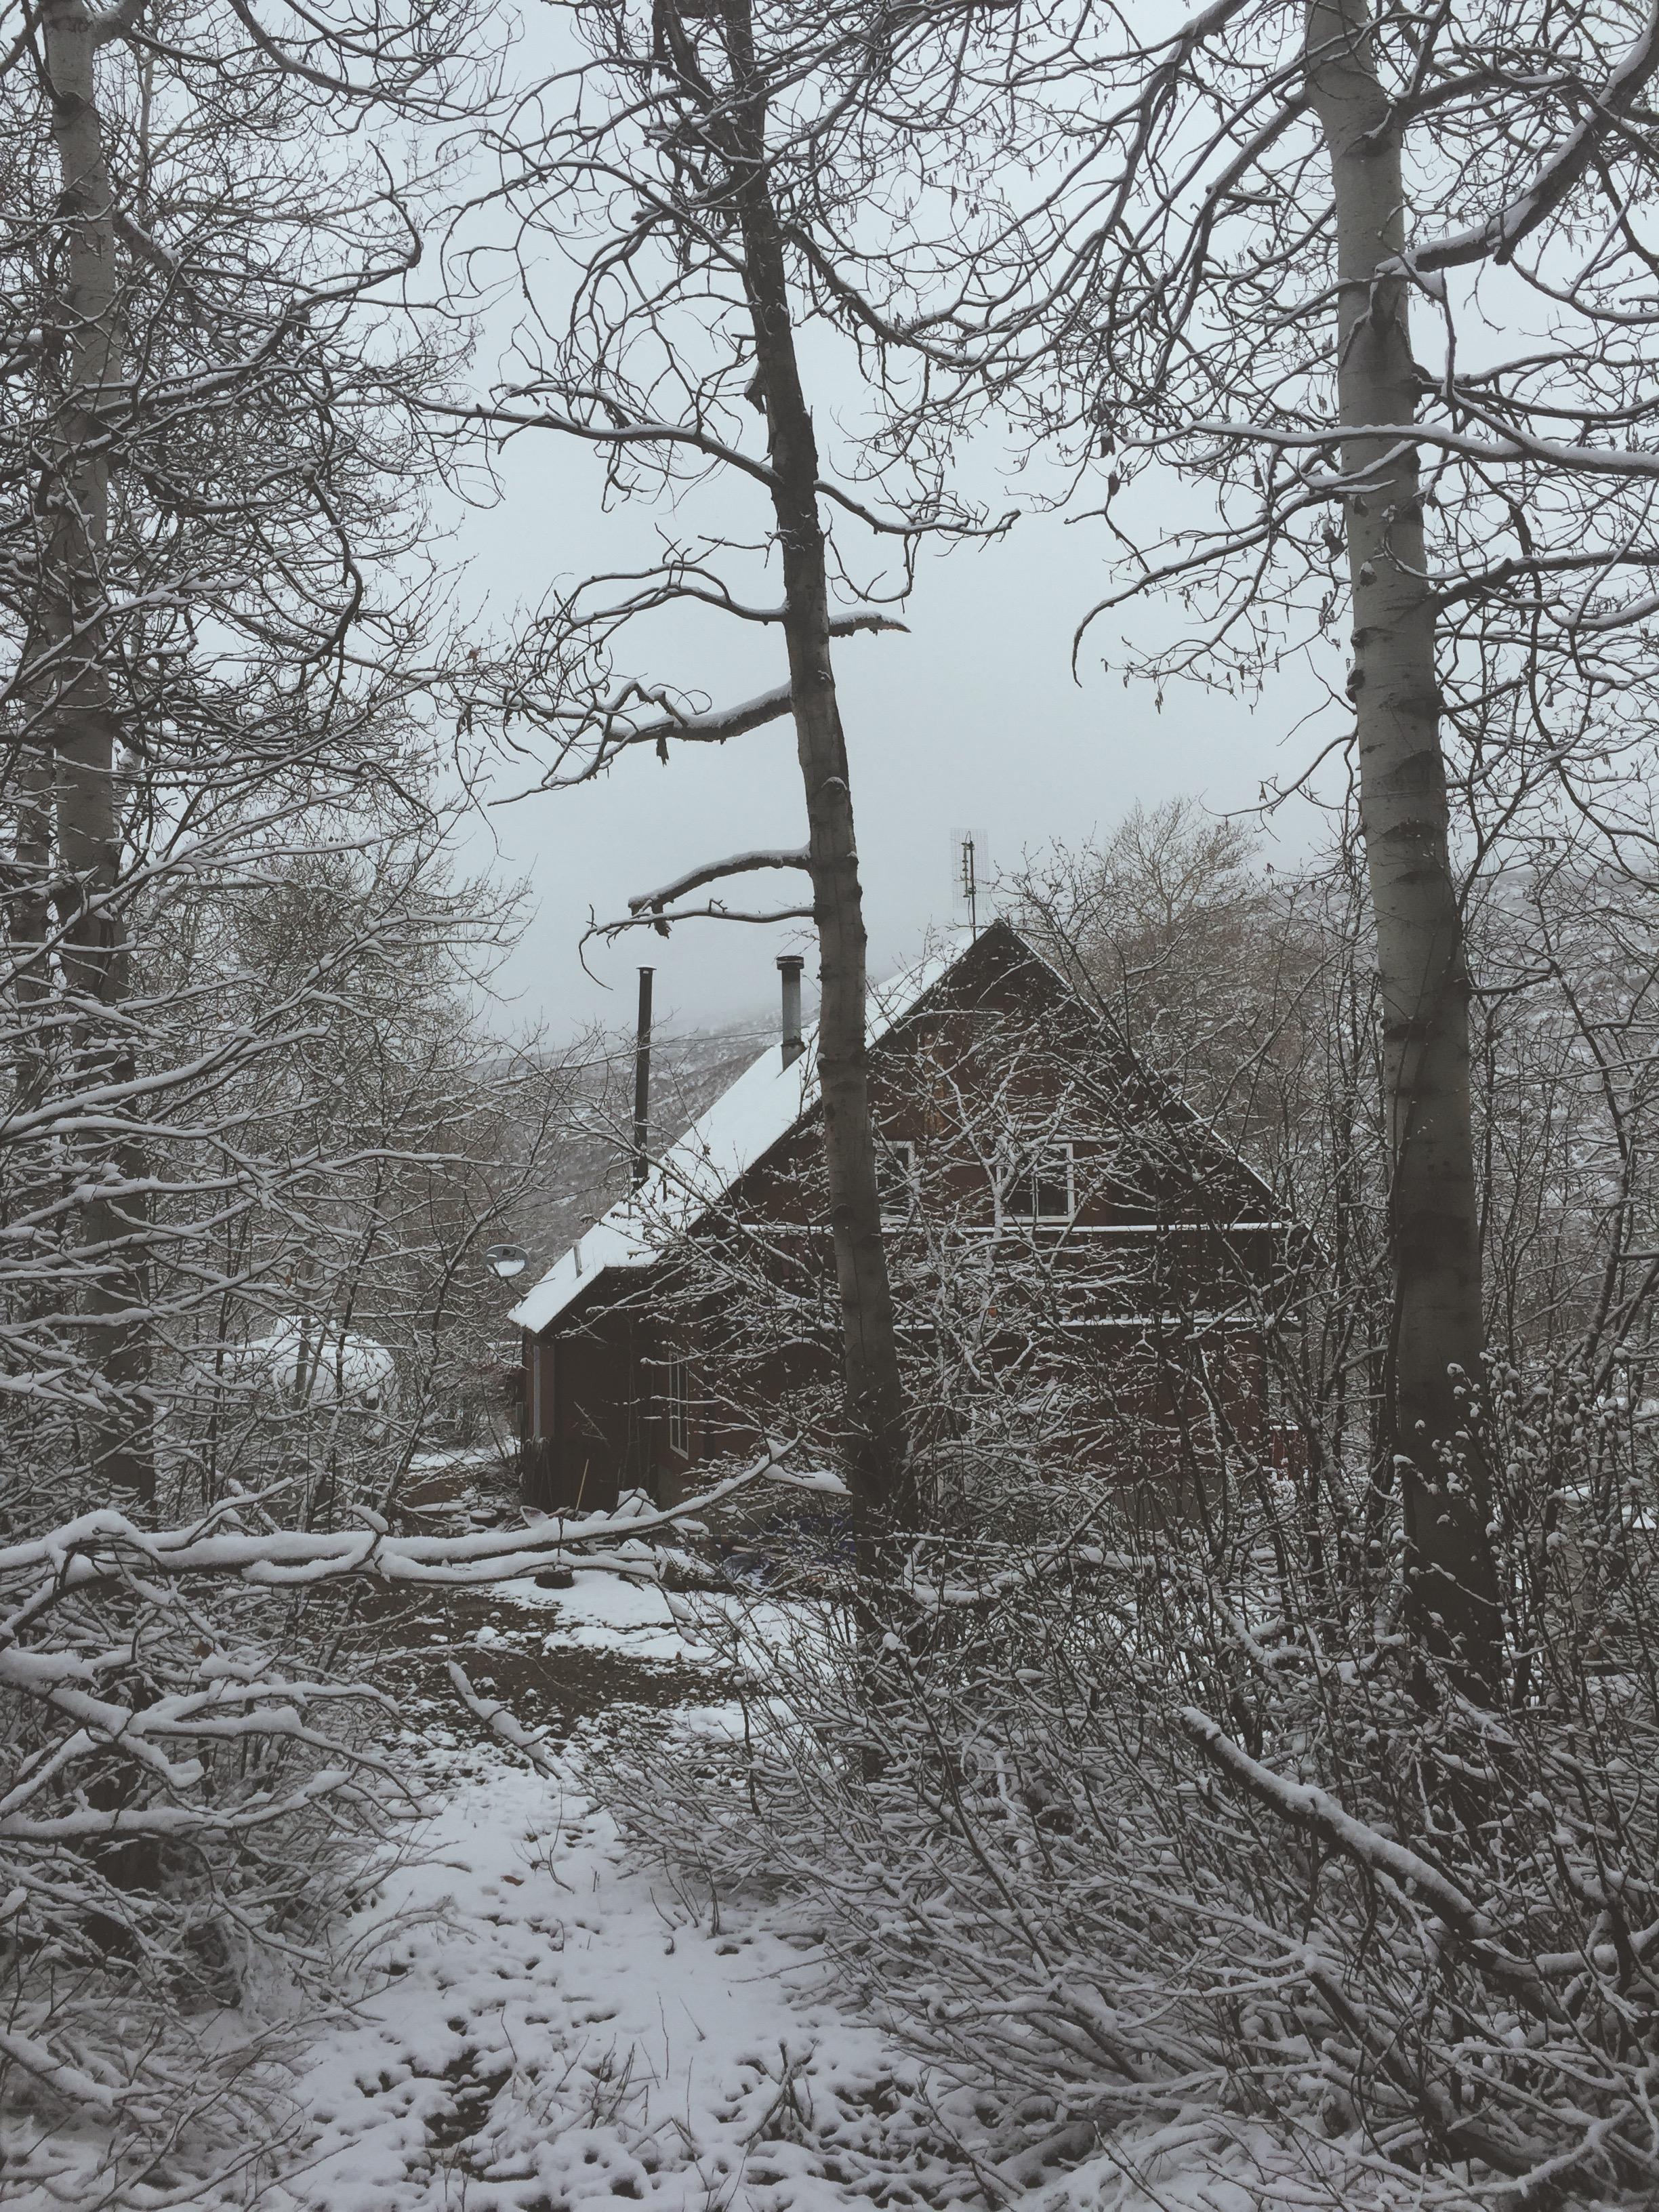 Wintery Cabin | Cabin Life | Tree Talker Art